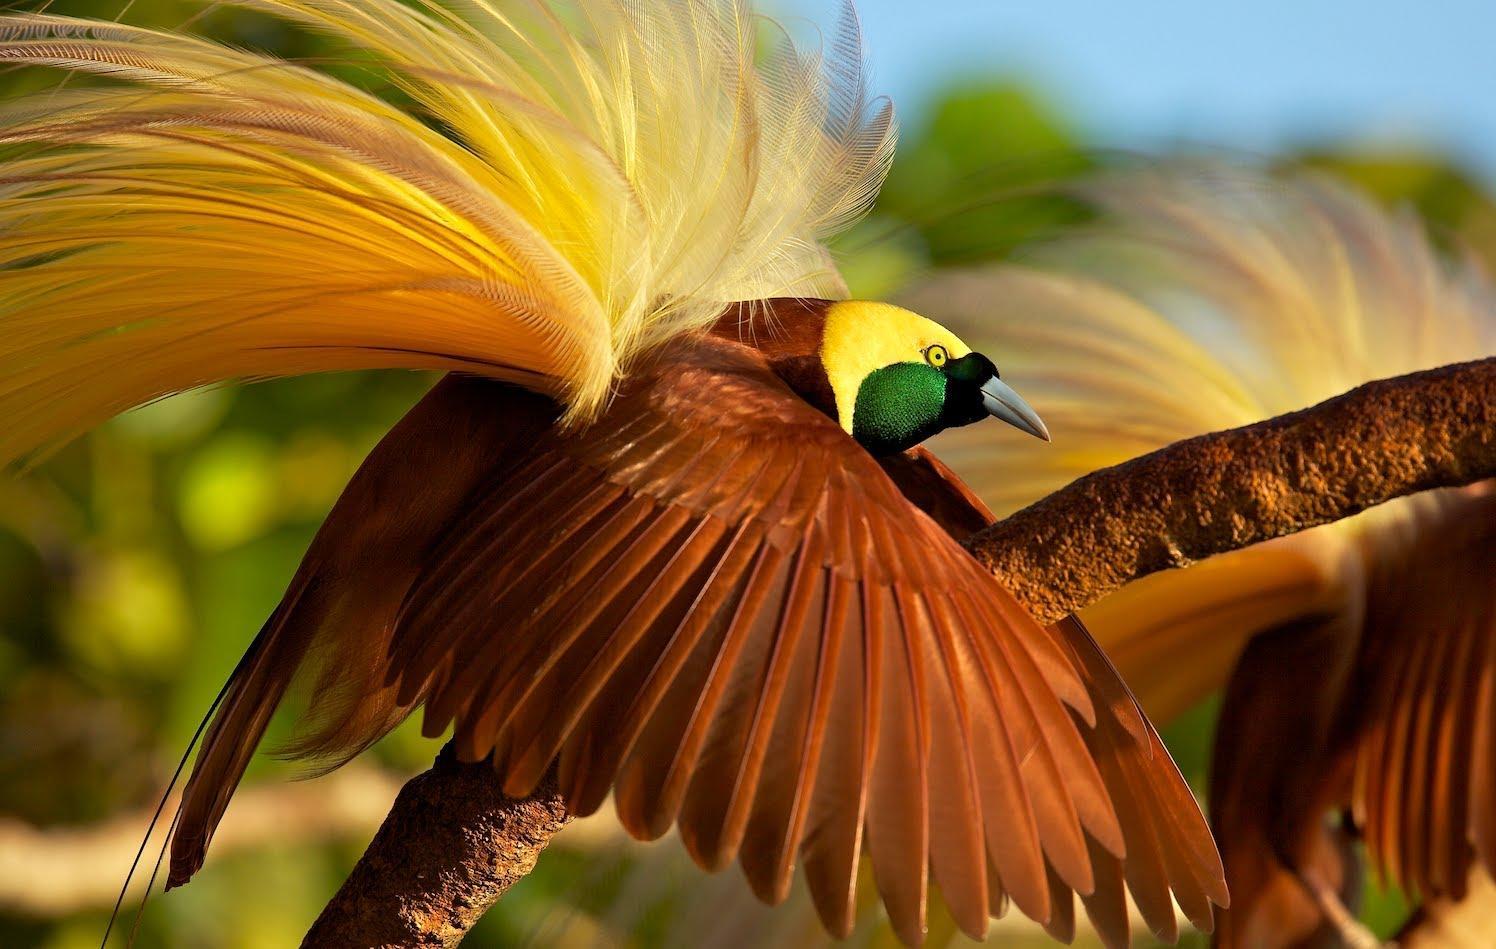 巴布亚新几内亚国旗 极乐鸟又名天堂鸟,风鸟.